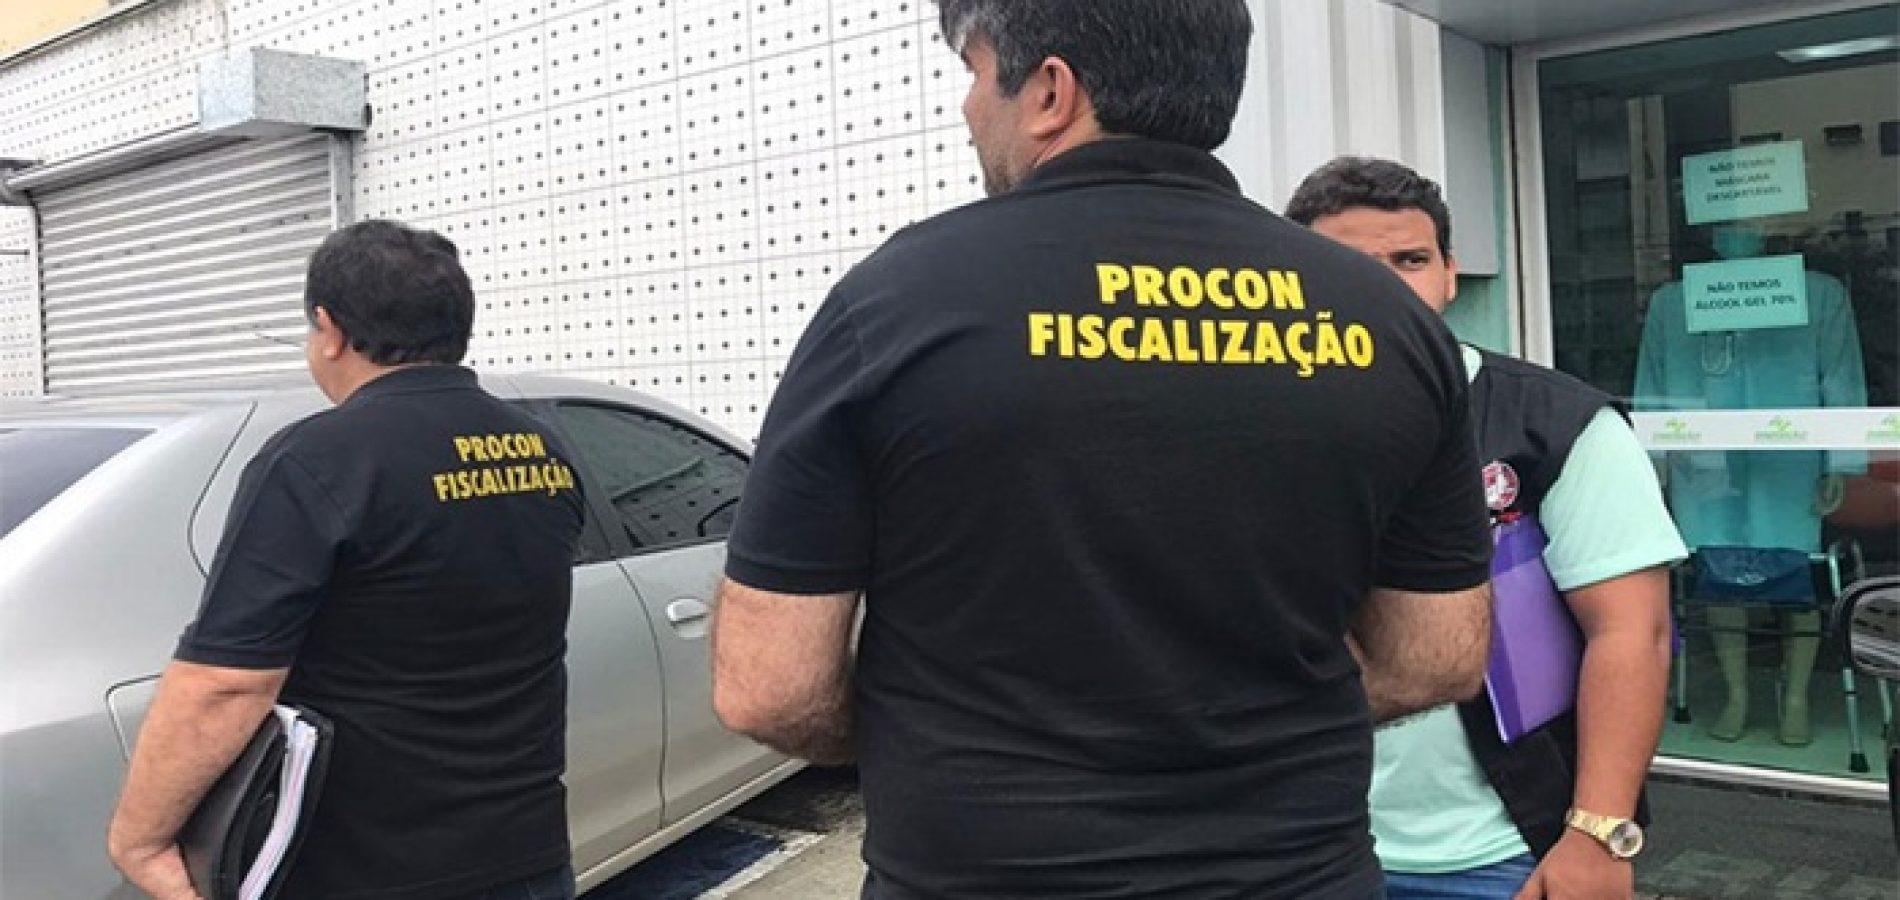 No Piauí, Procon autua 17 estabelecimentos por preço abusivo e multa pode chegar a R$ 10 milhões